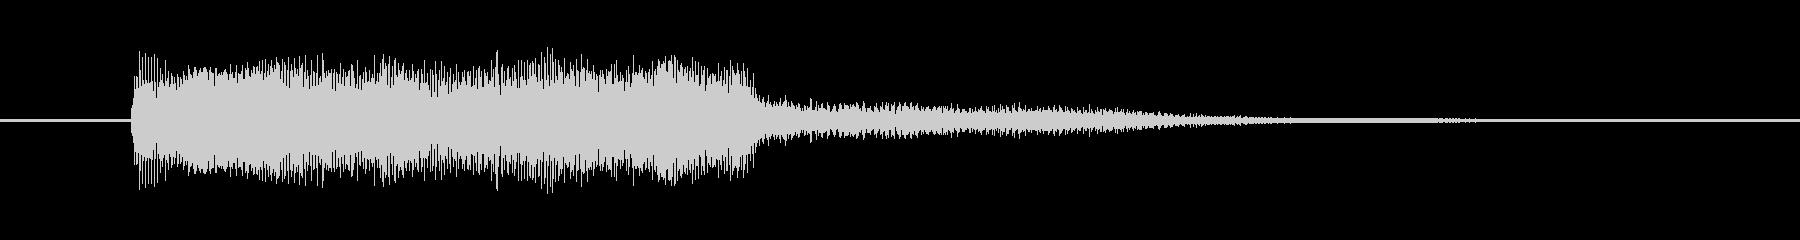 ロボットの声、大、深、電子; DI...の未再生の波形